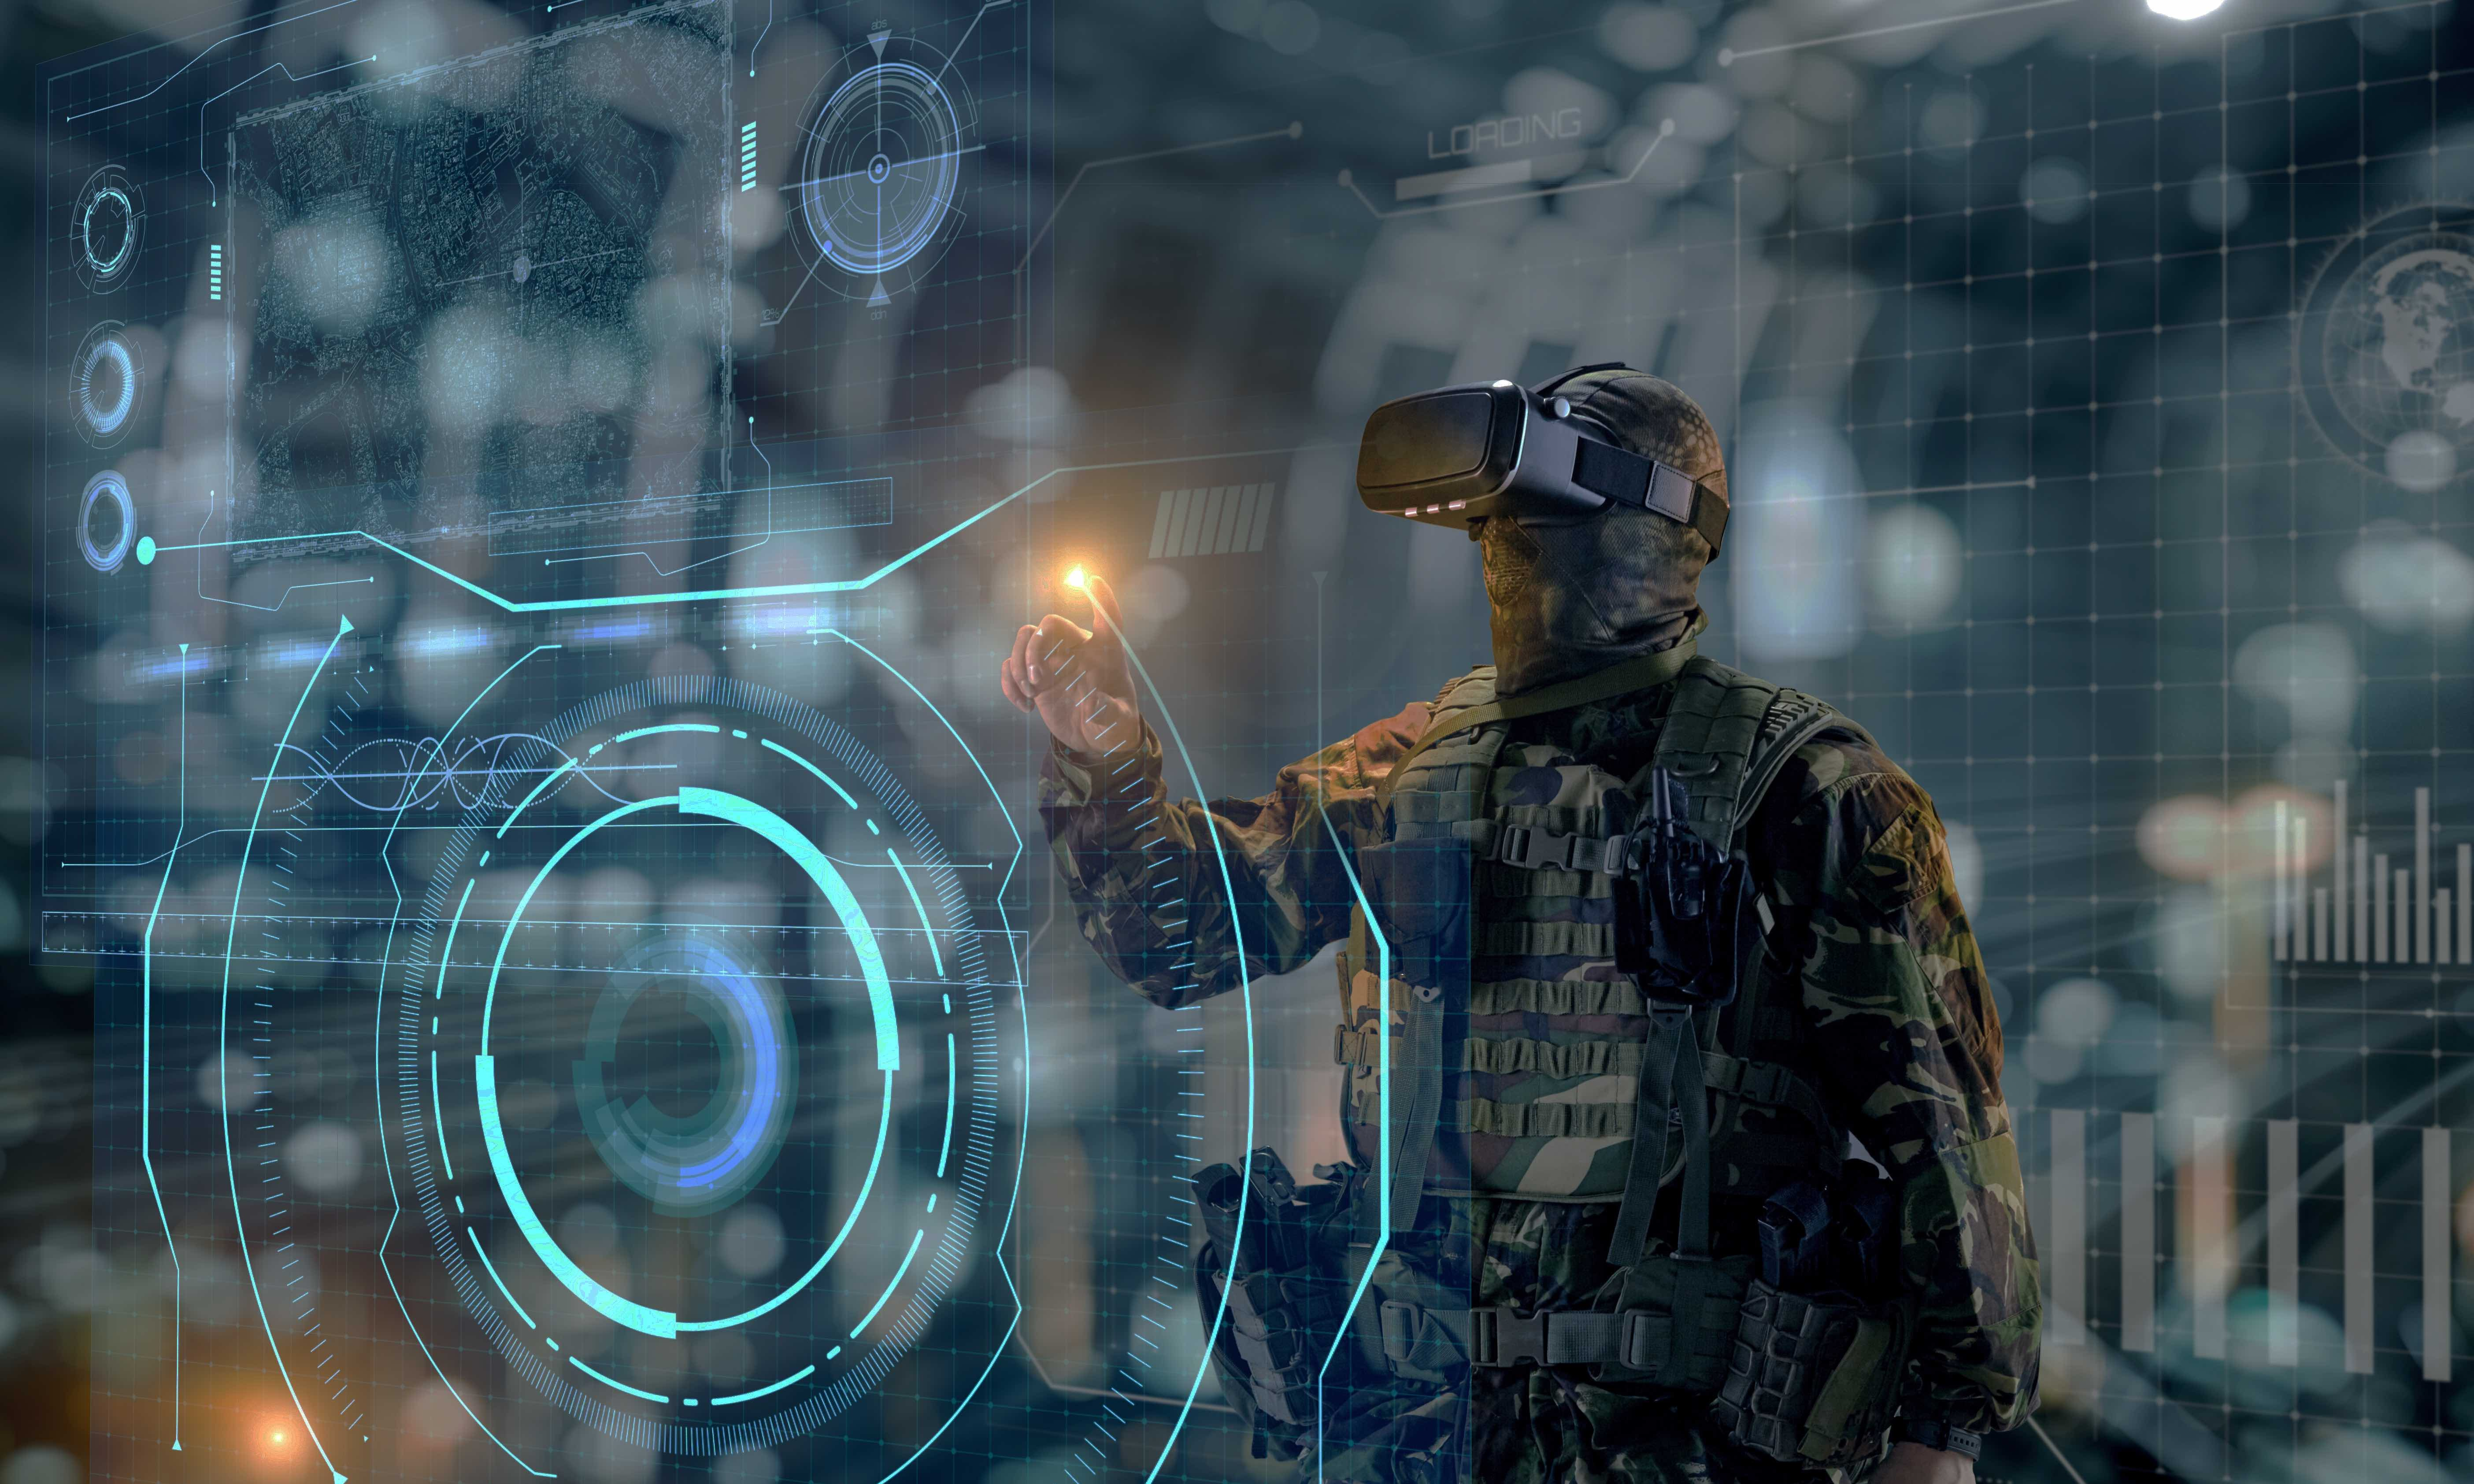 Sécurité privée et jeux vidéo : quelles synergies ? — RNMPS